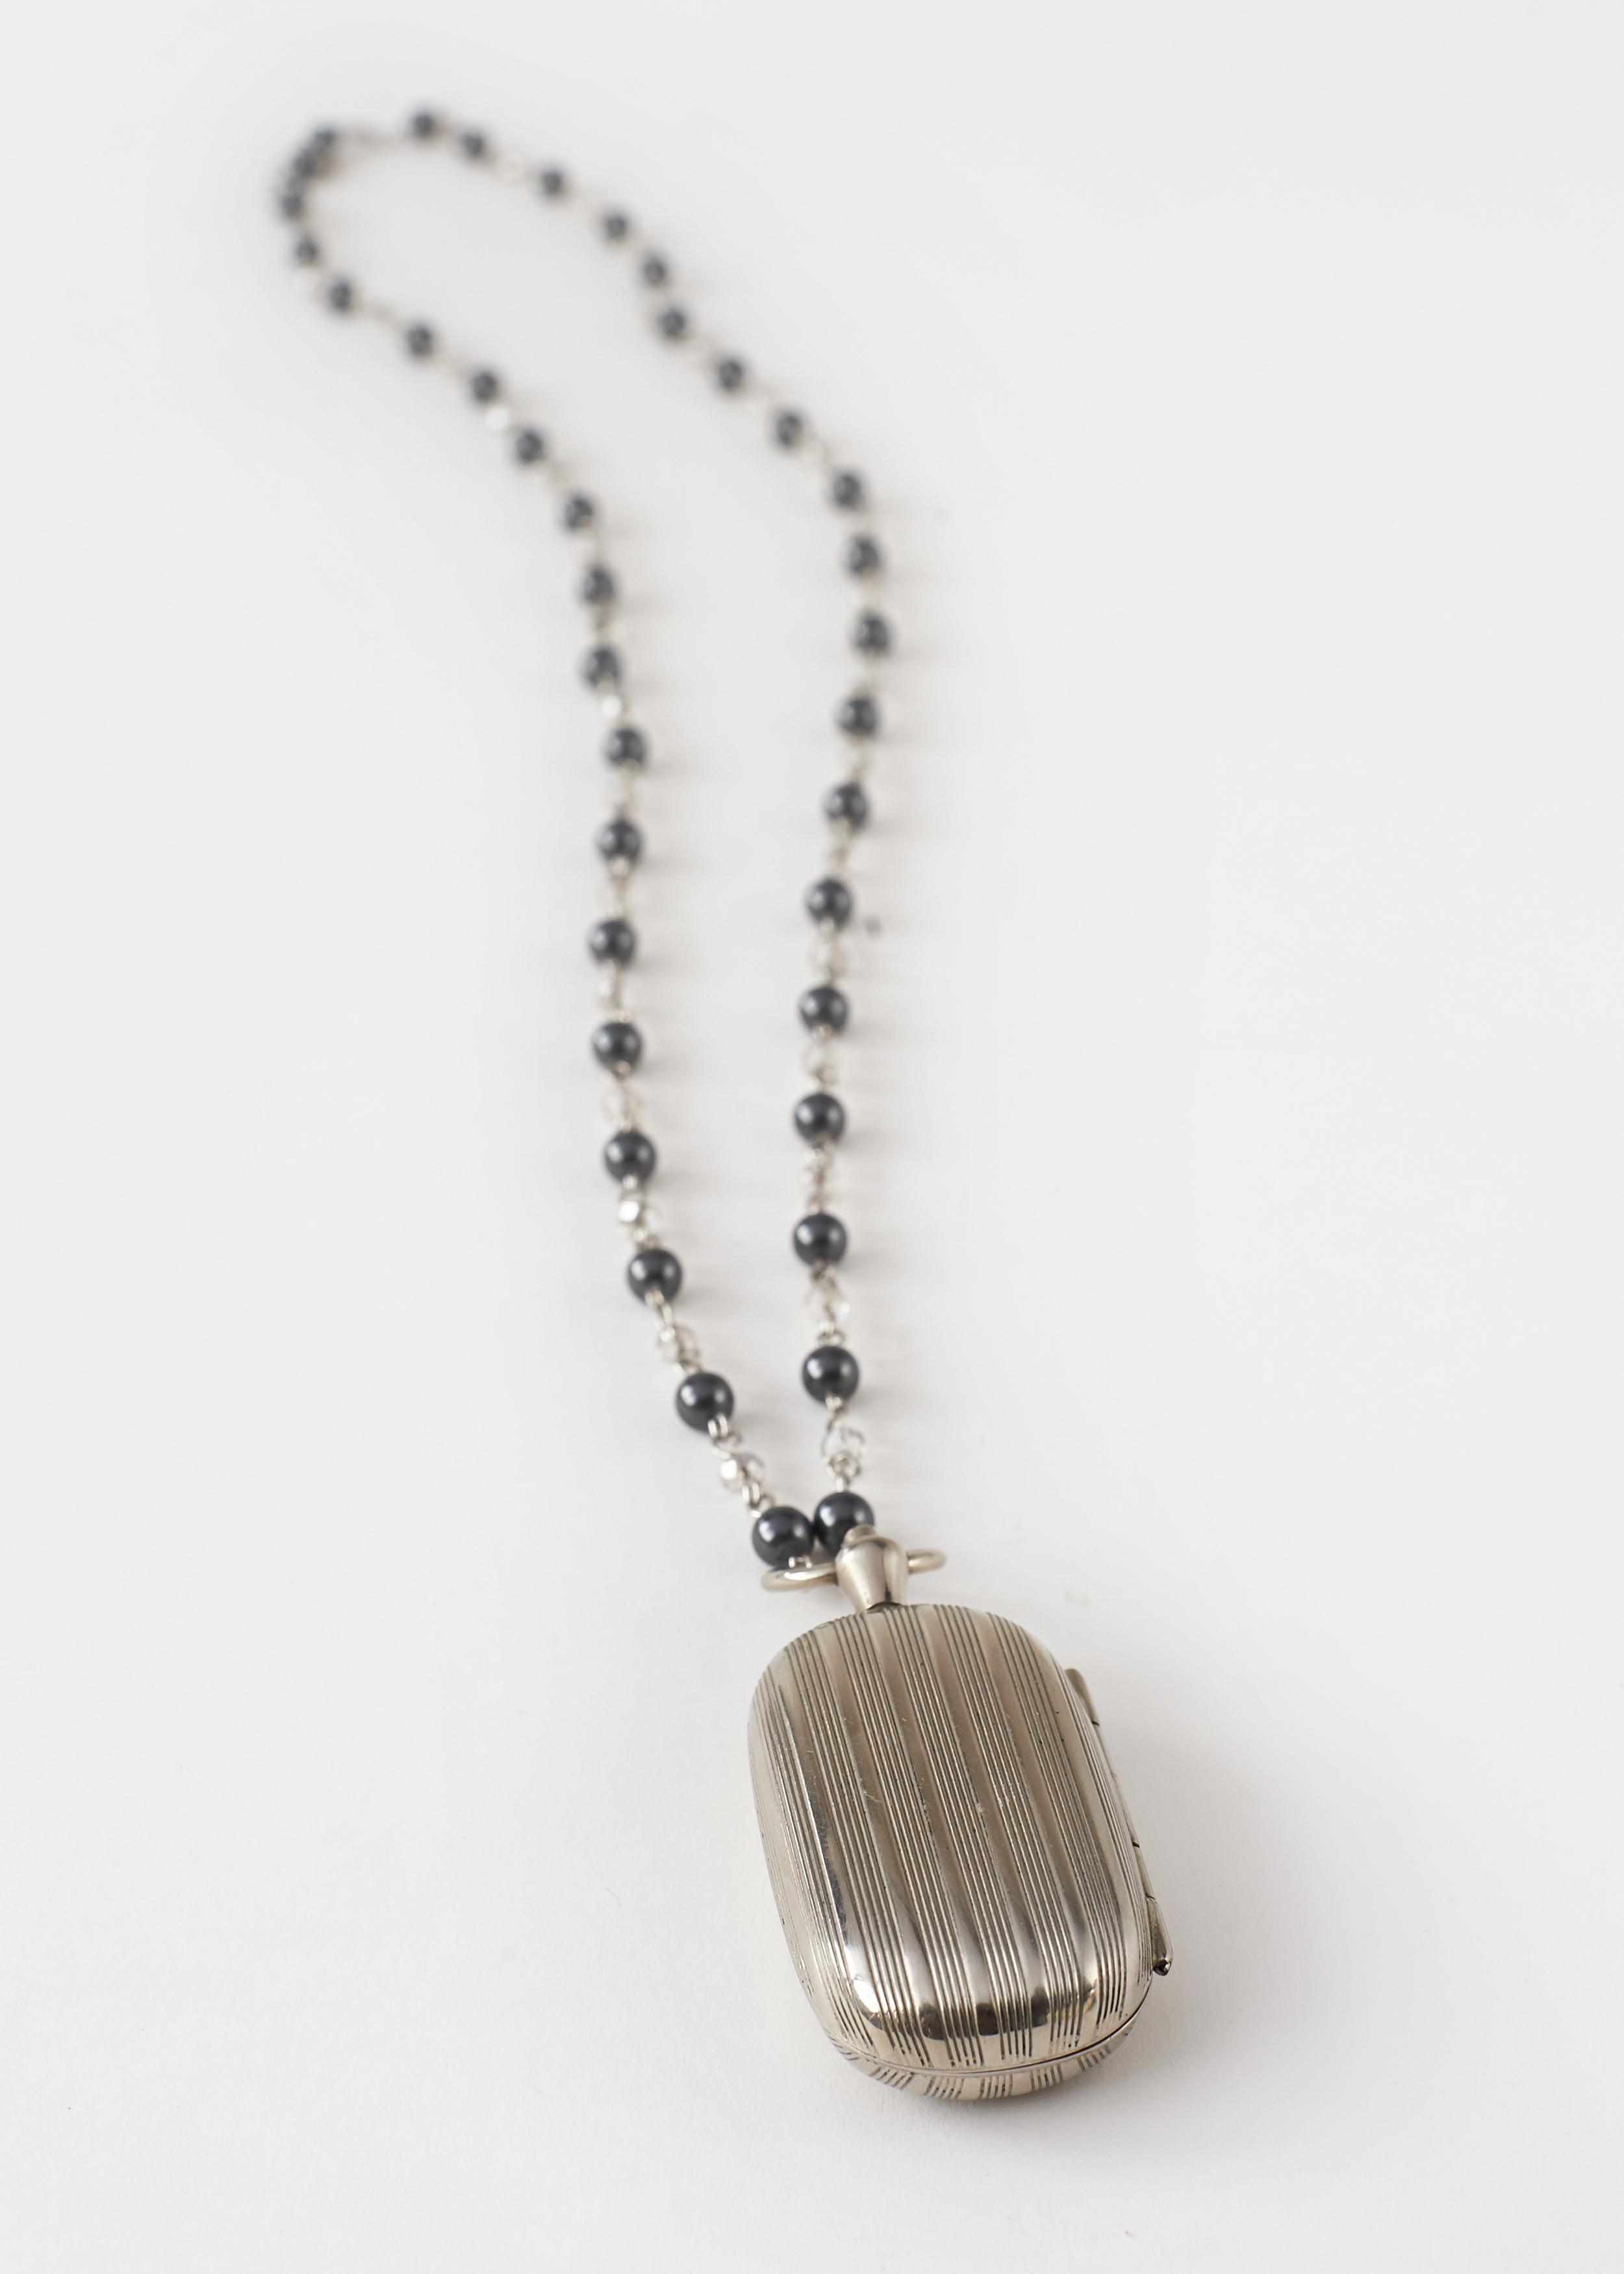 Vintage Subway Token Necklace